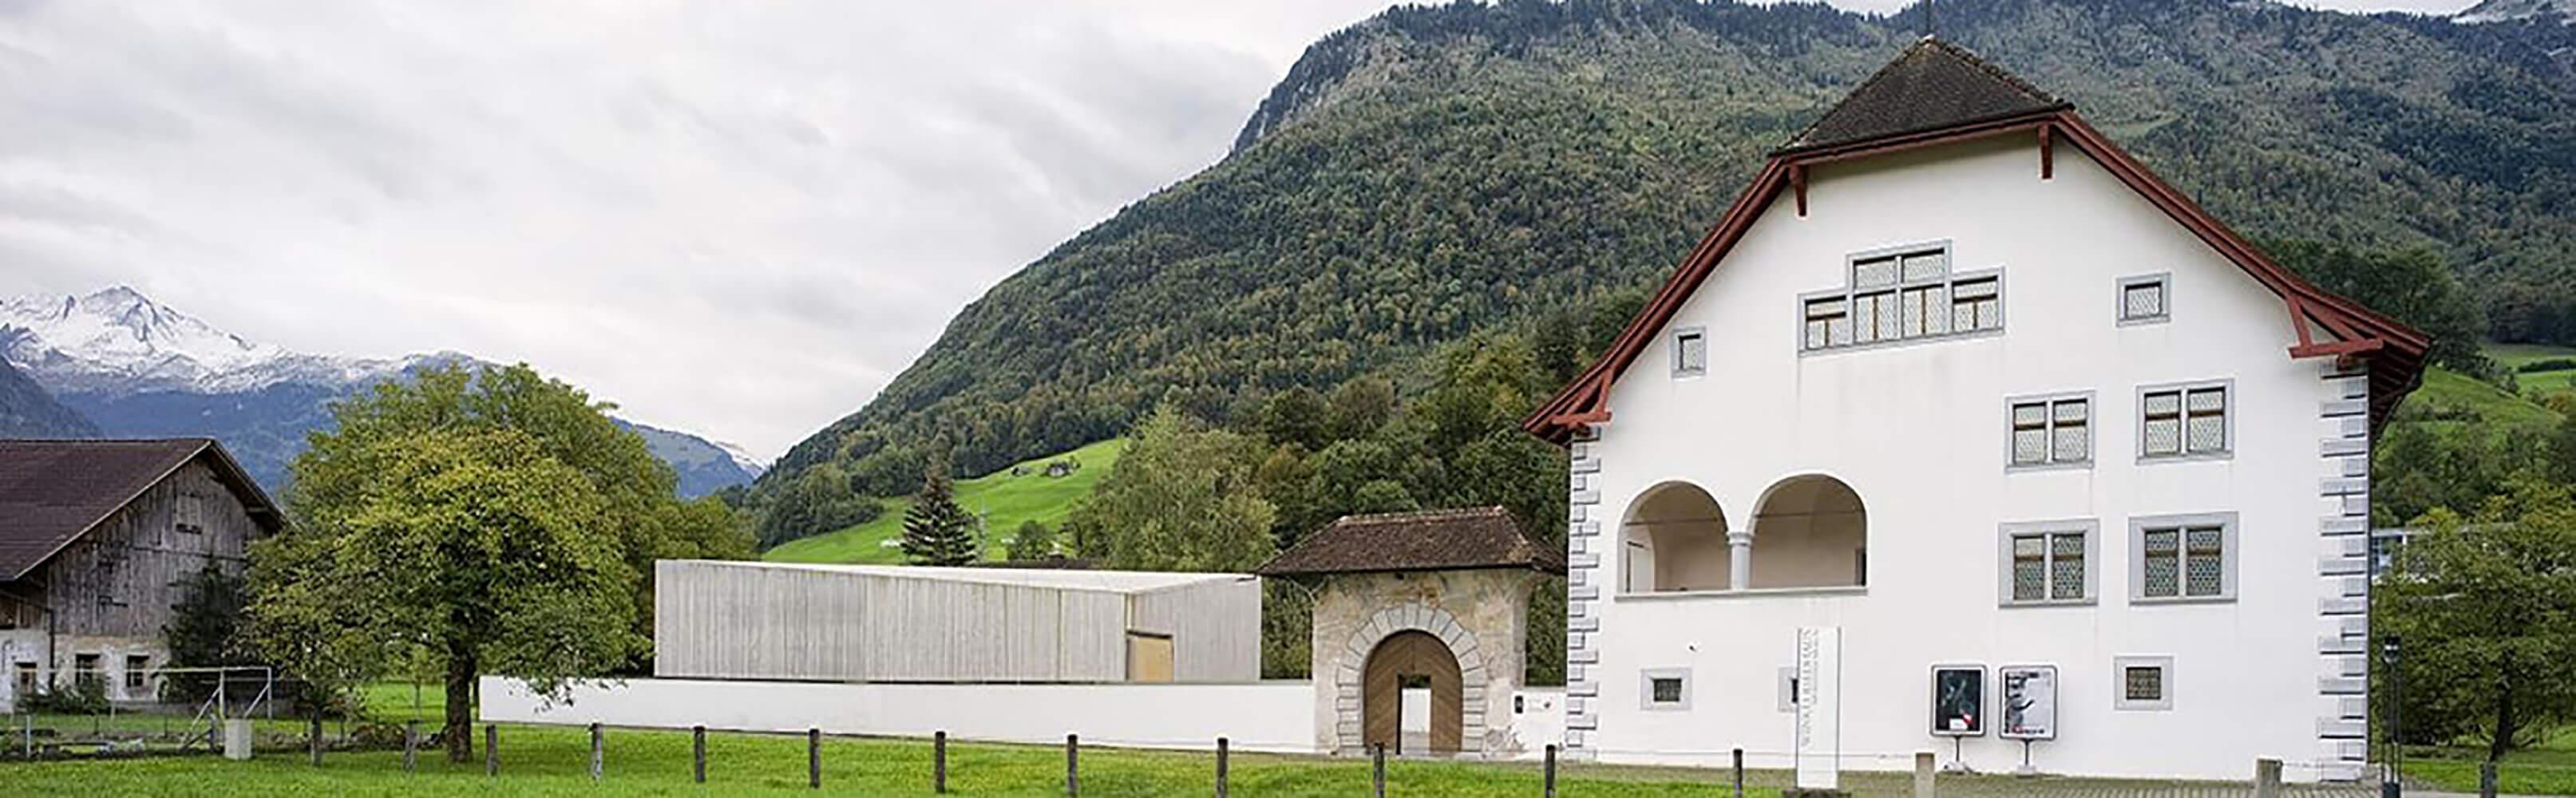 Nidwaldner Museum - Ein Museum für Kunst und Geschichte 1